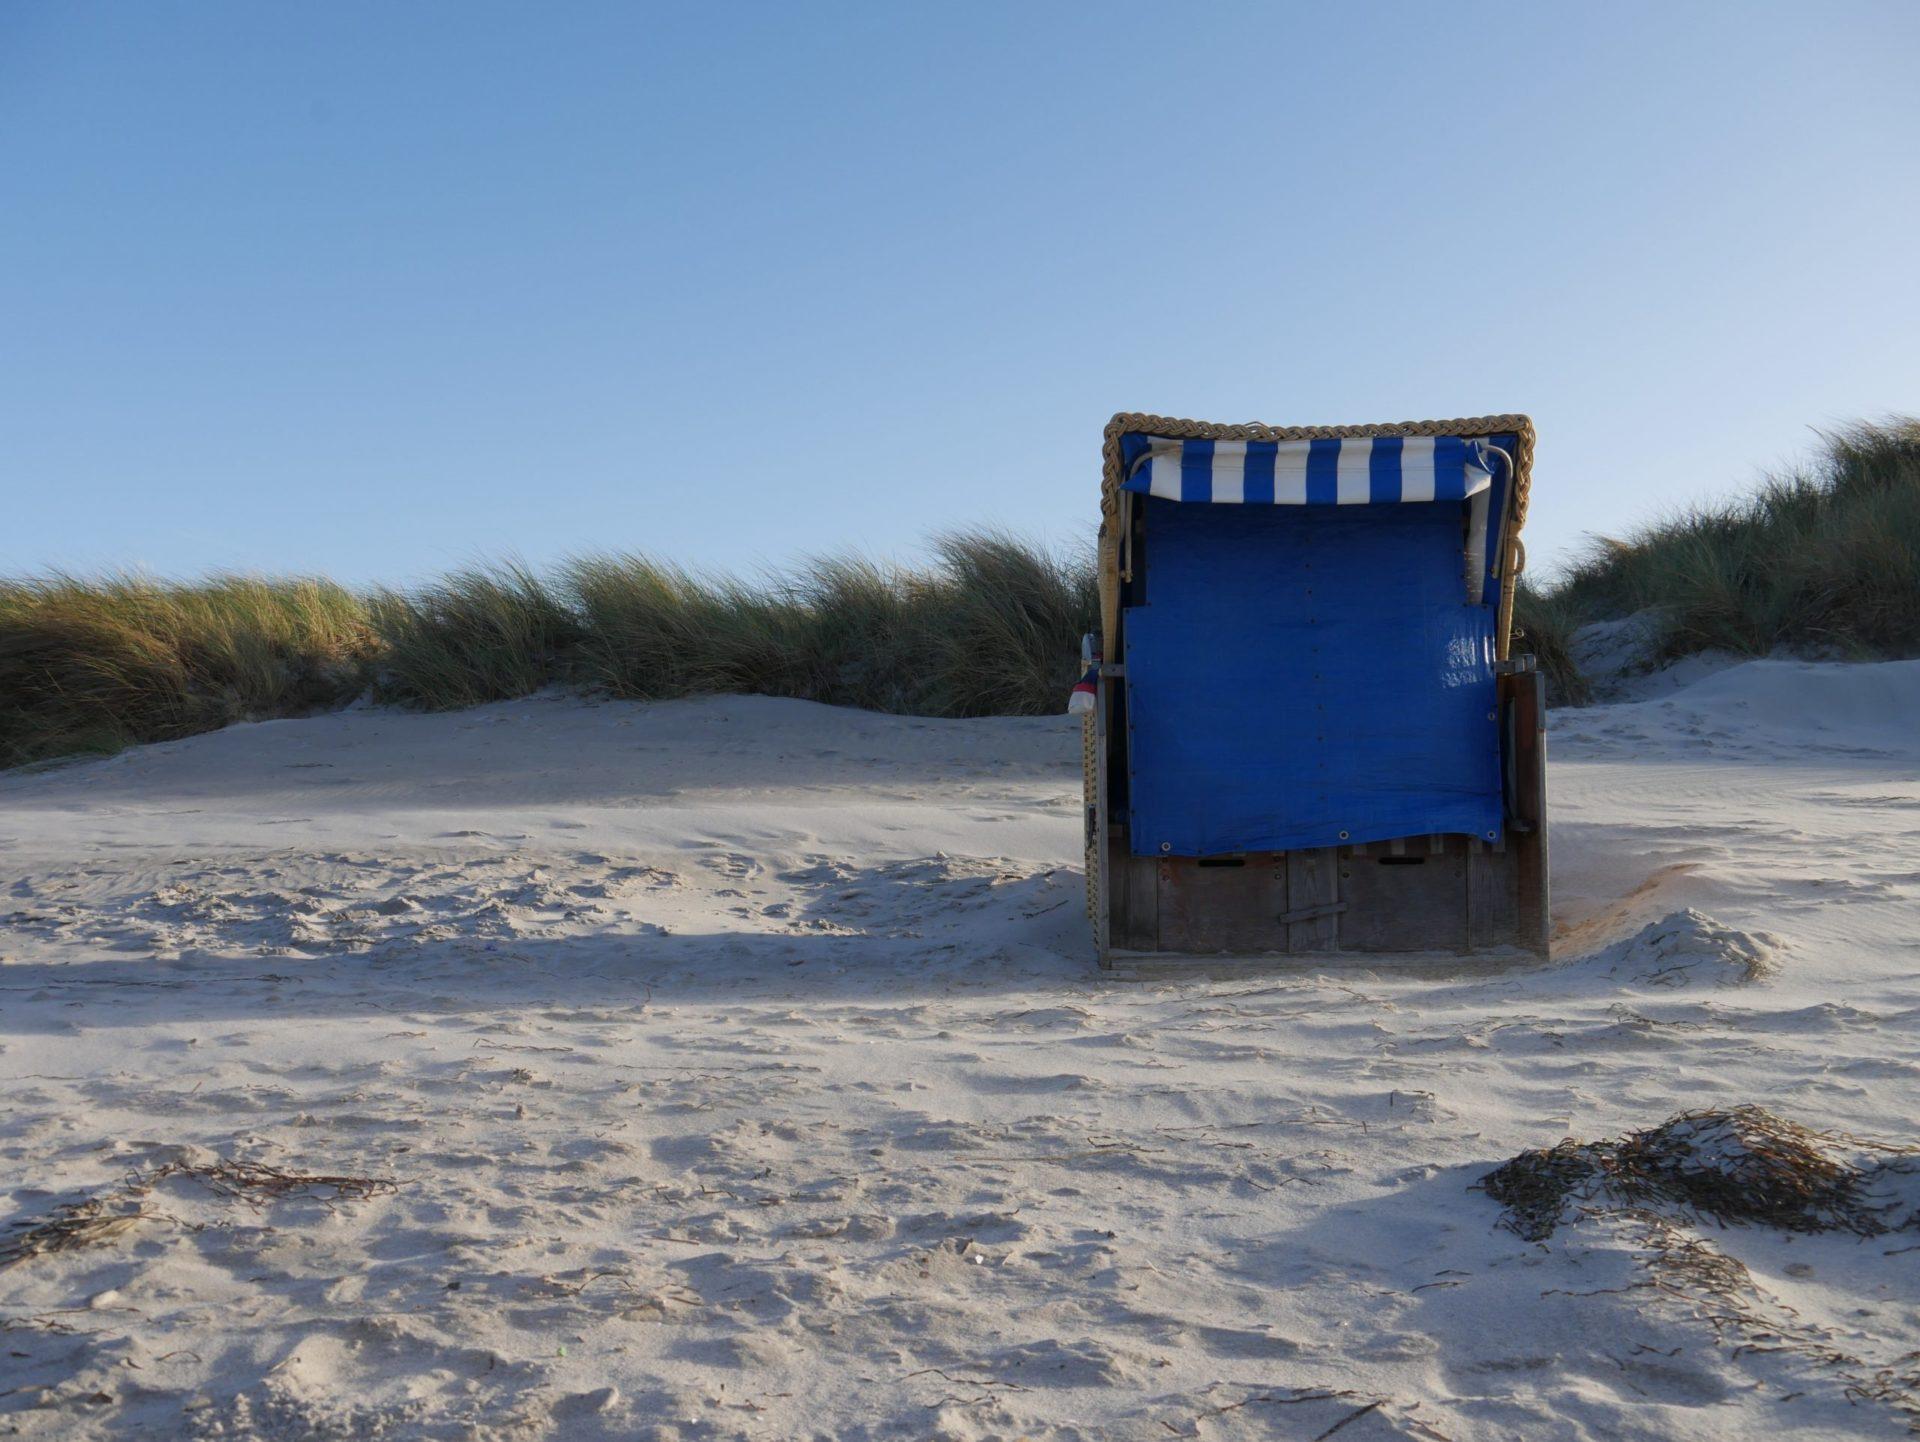 Wassertemperatur Schönberger Strand